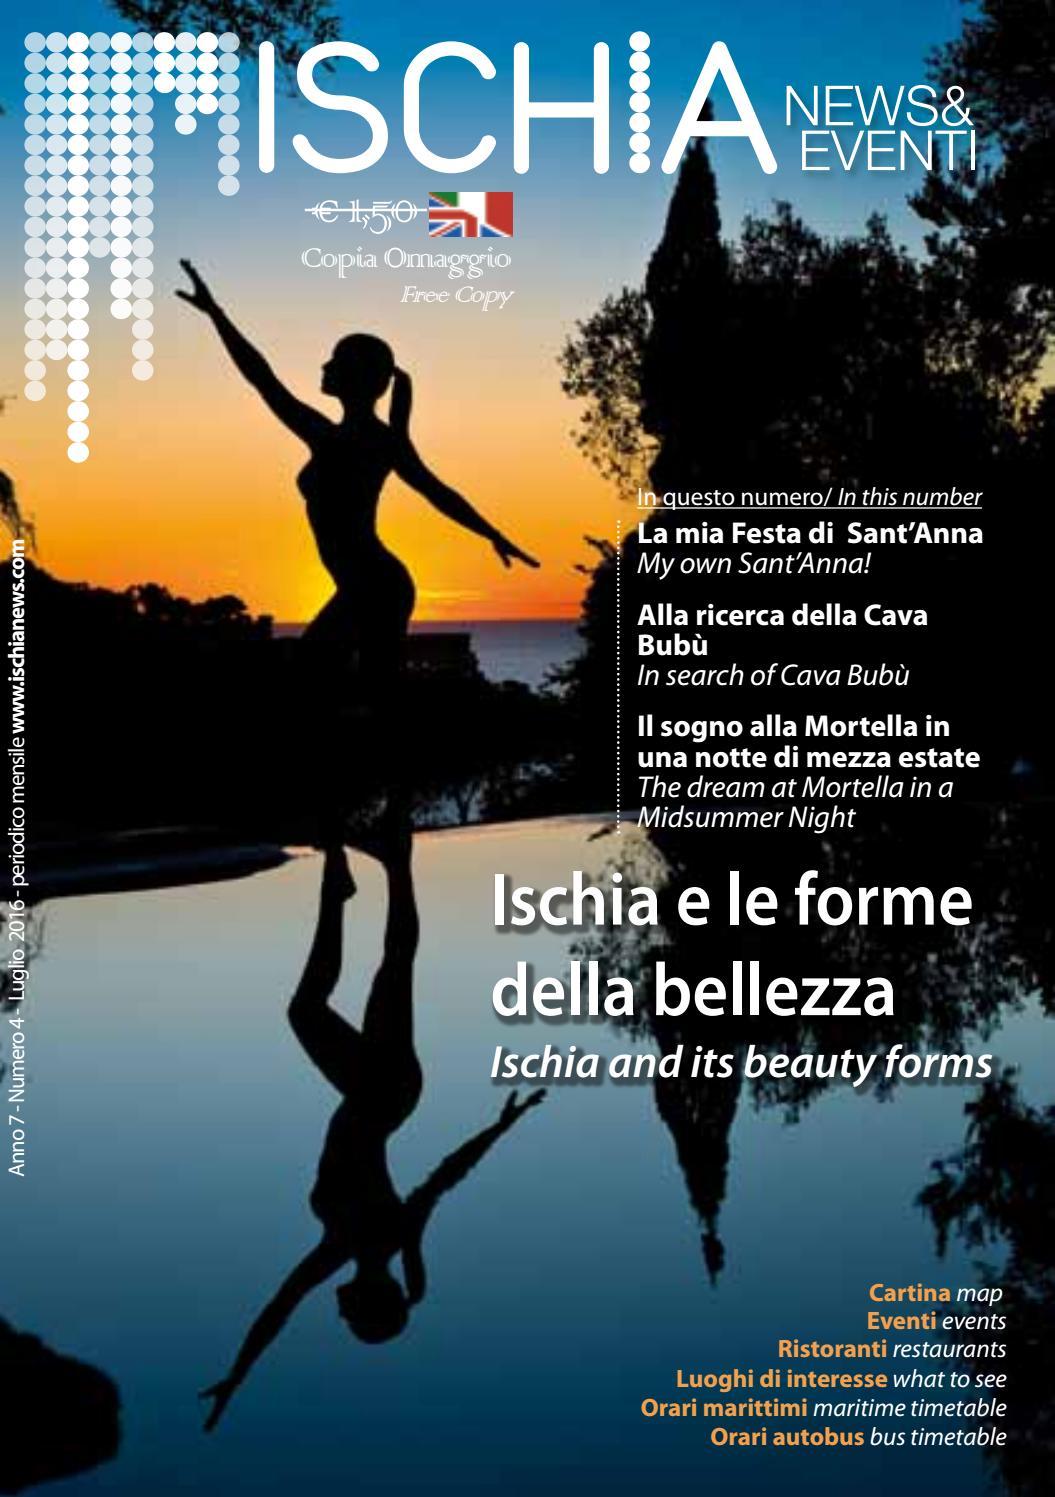 Ristorante Martina Rosa Ischia ischia news - ischia e le forme della bellezza by ischia